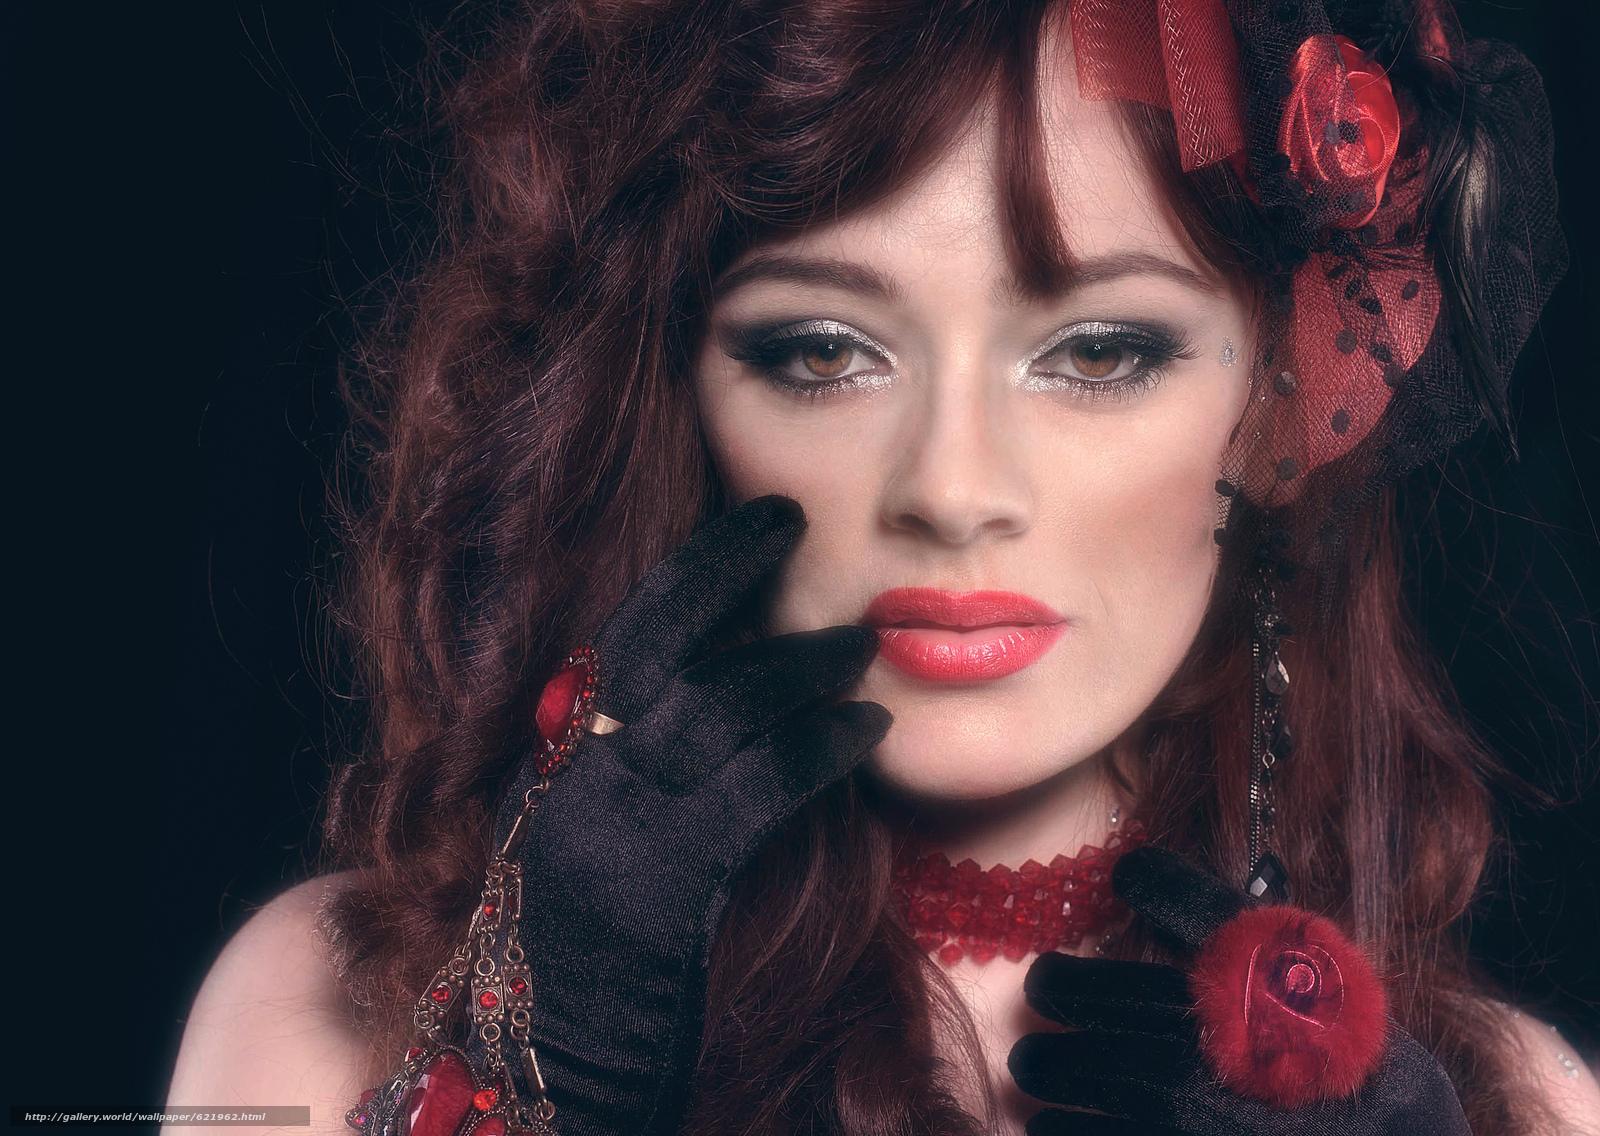 девушка, портрет, лицо, макияж, взгляд, рука, перчатка, кольцо, украшения